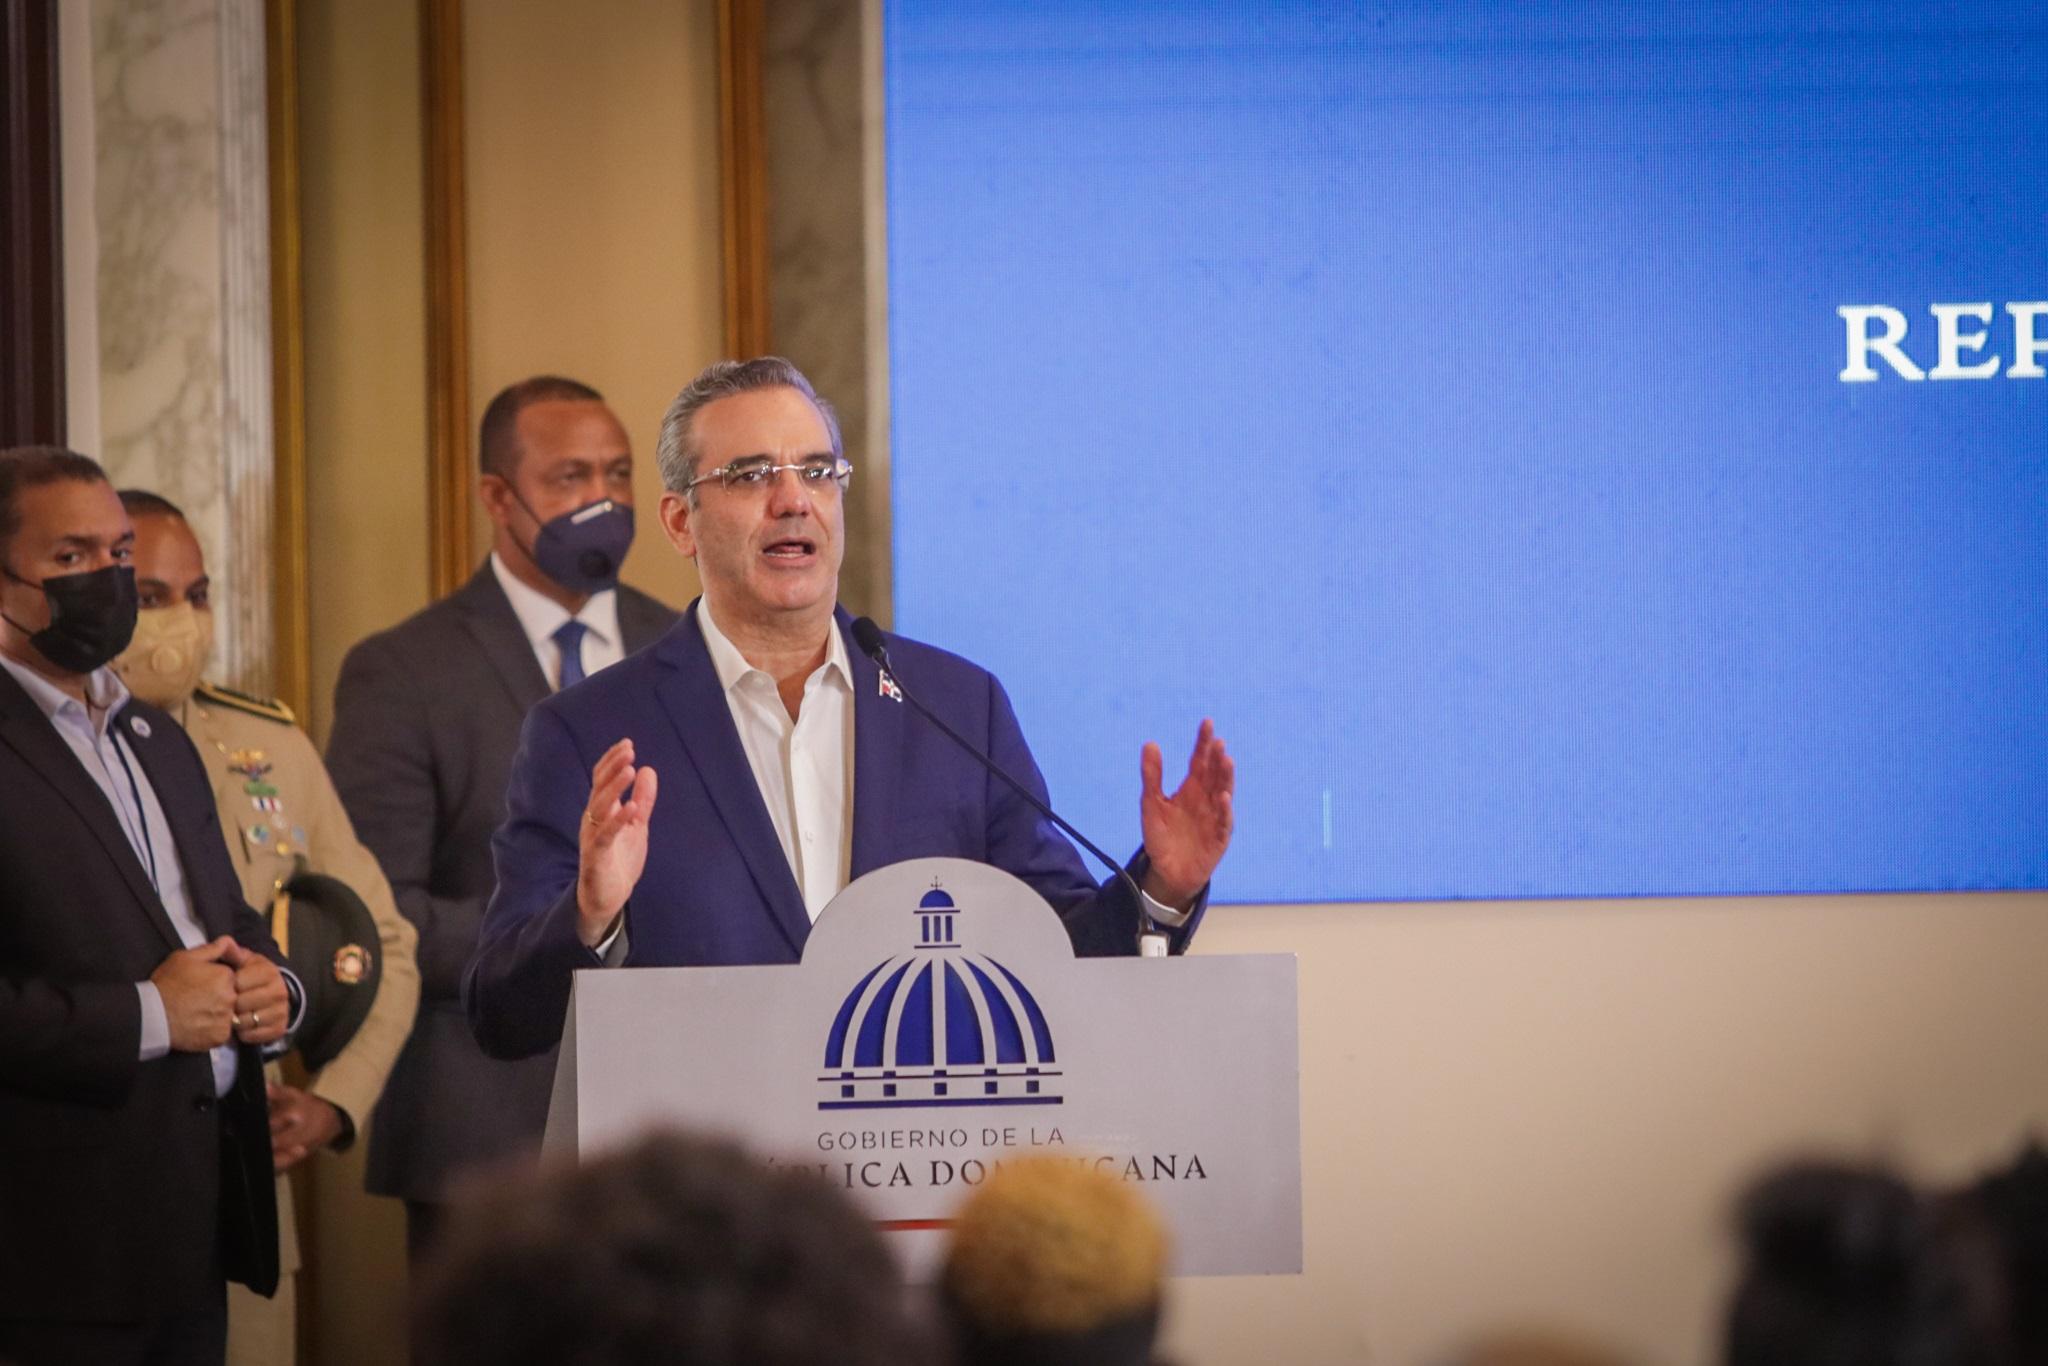 Luis Abinader se dirige a los presentes en el acto en que entregó el dinero prometido a los atletas que dieron medallas al país en los juegos olímpicos Toklo 2020.